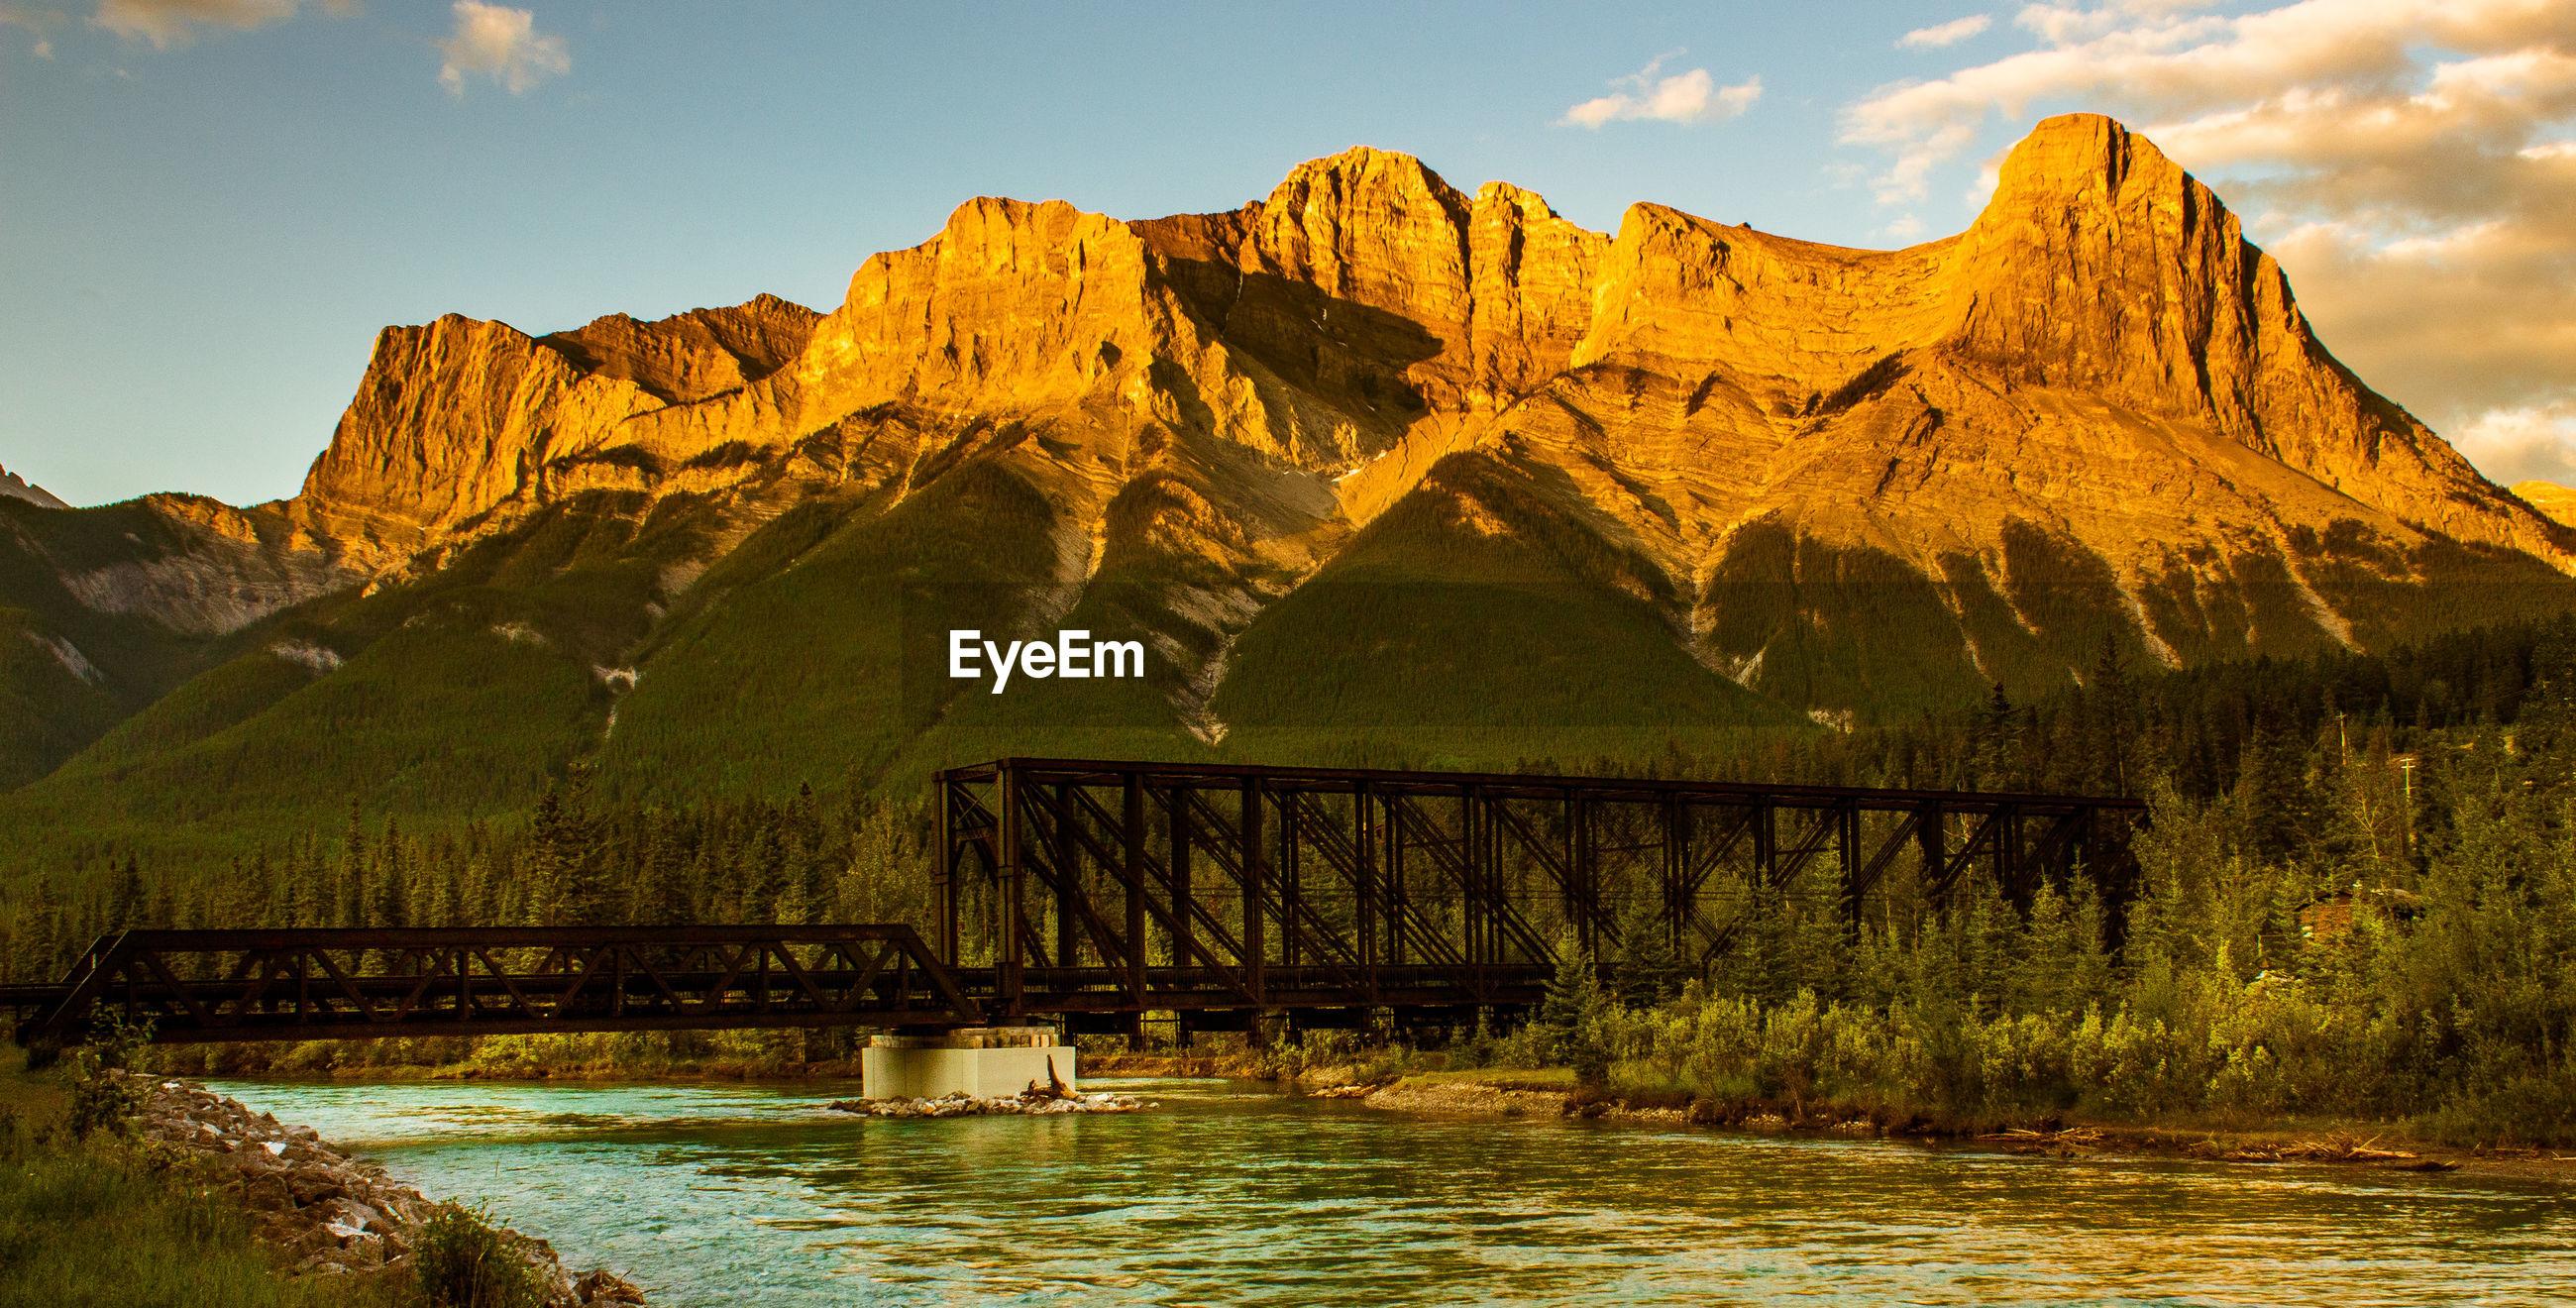 Bridge over river against mountain range